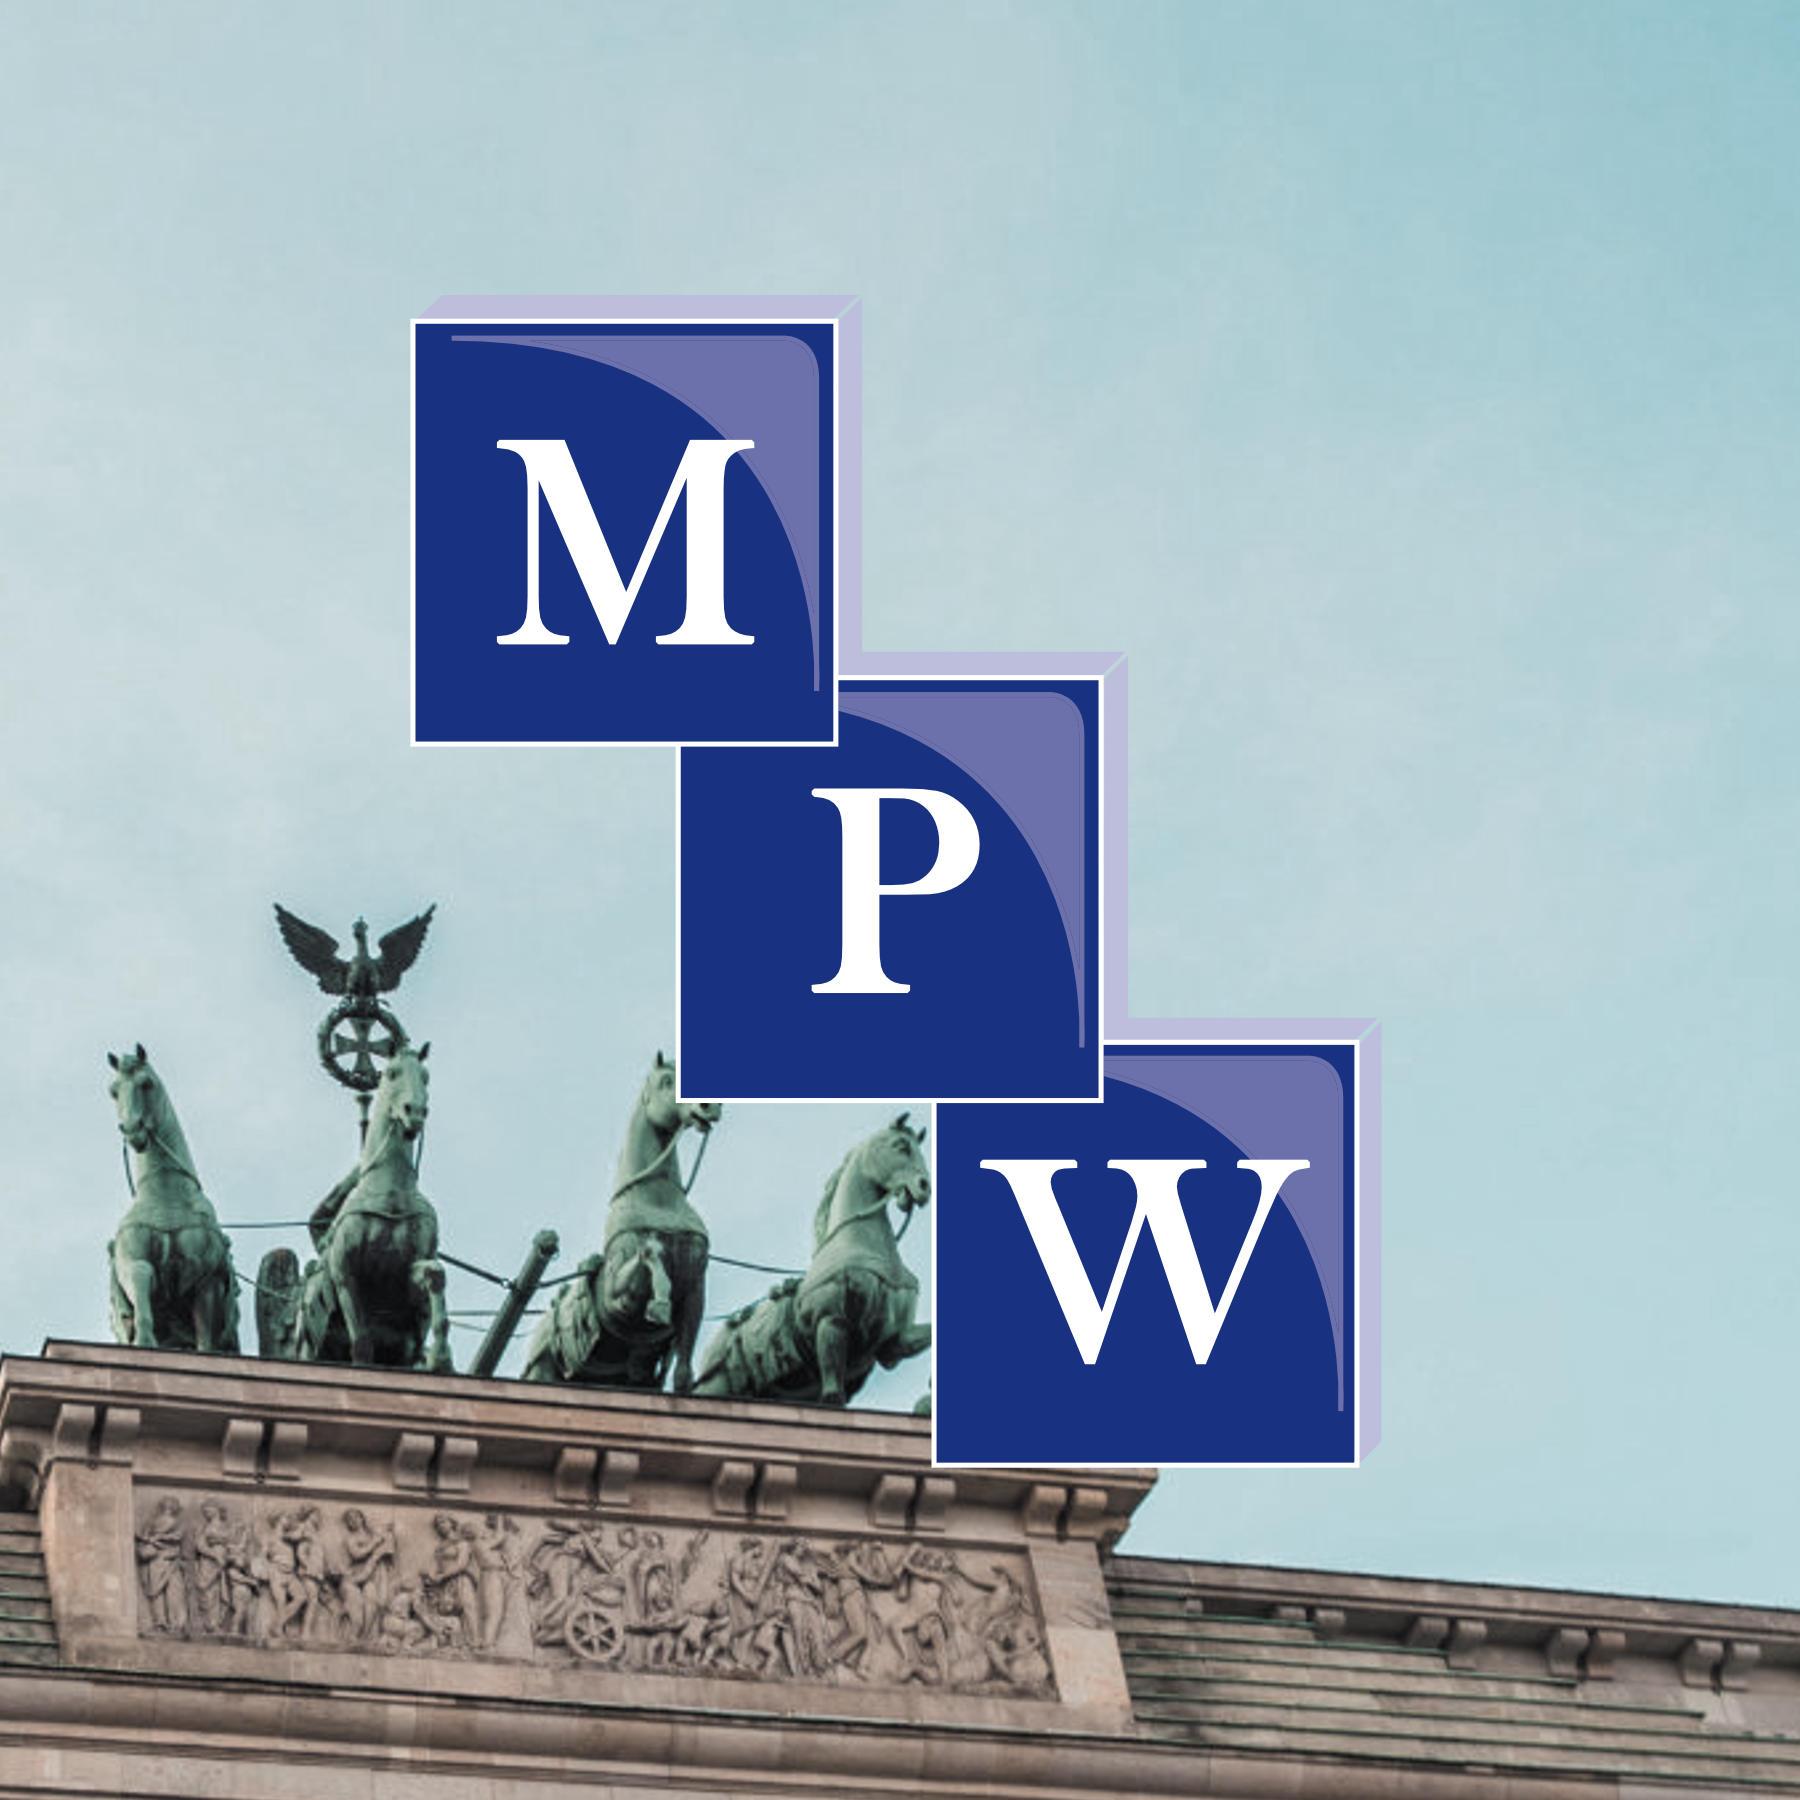 Fotos de MPW Immobilien Michael Werner GmbH